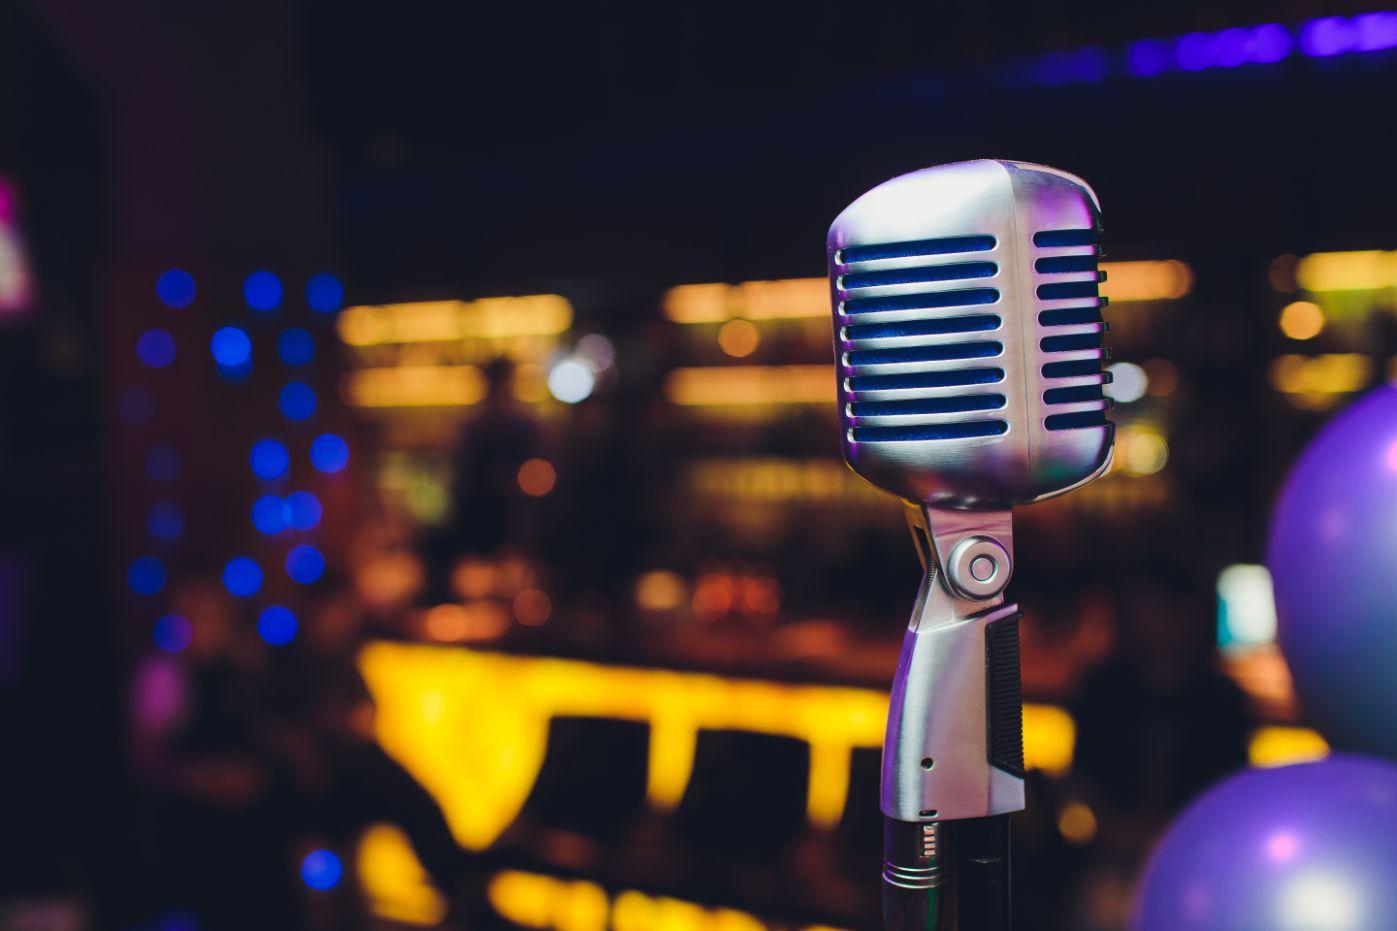 声優の自己PRで評価される3つのコツ 作り方とNG例も解説